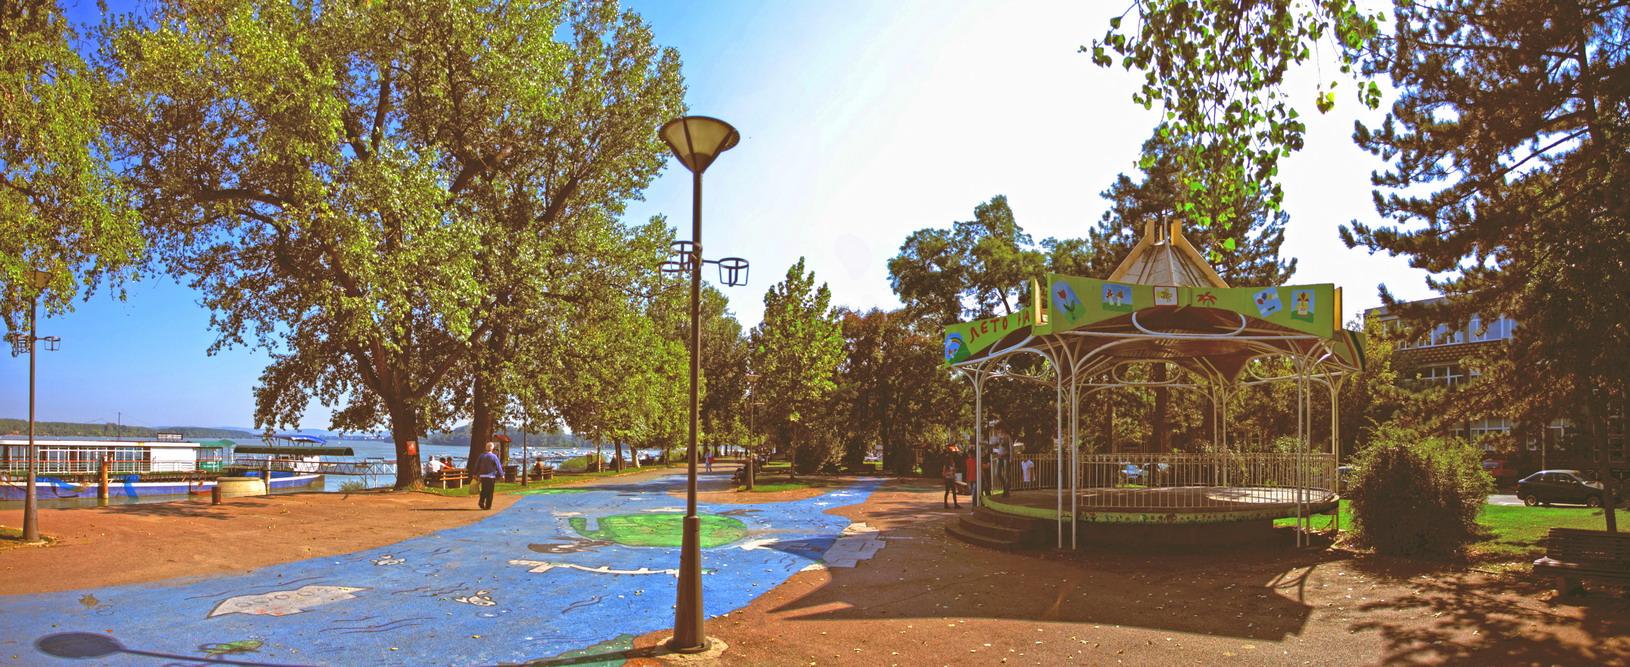 most popular parks in belgrade zemunski kej